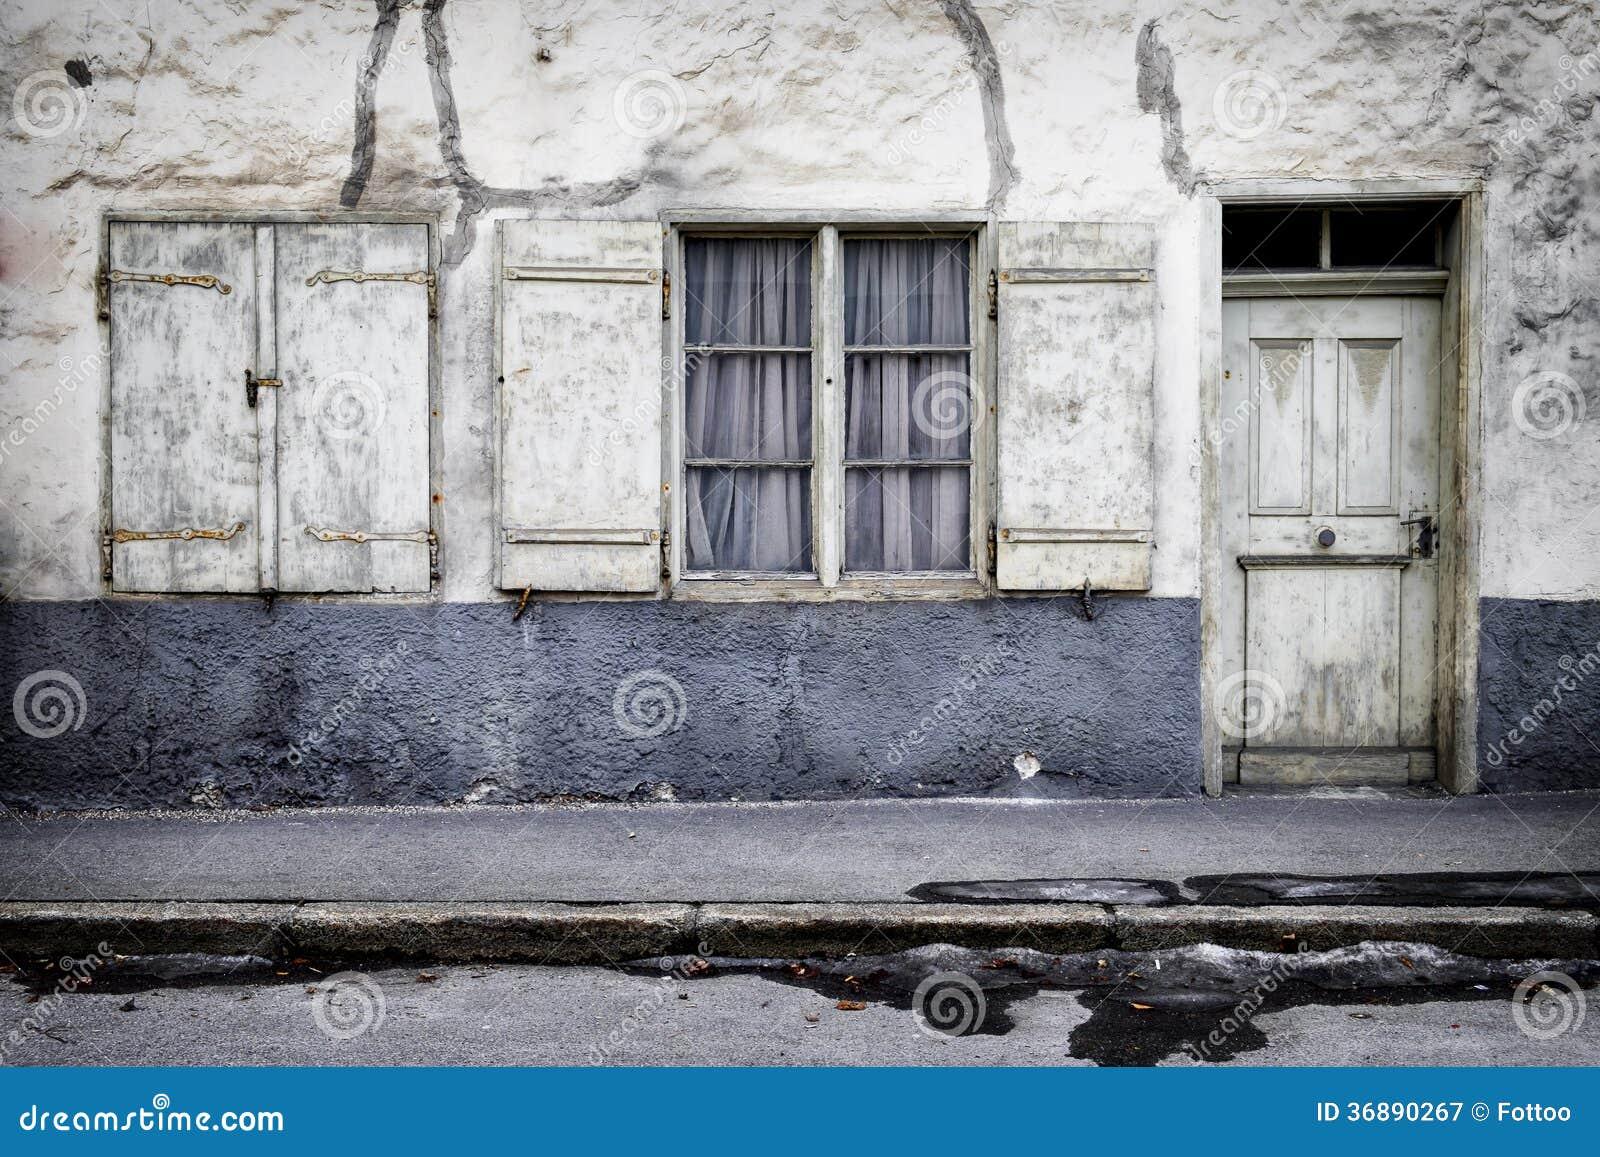 Download Vecchia facciata immagine stock. Immagine di chiuso, front - 36890267